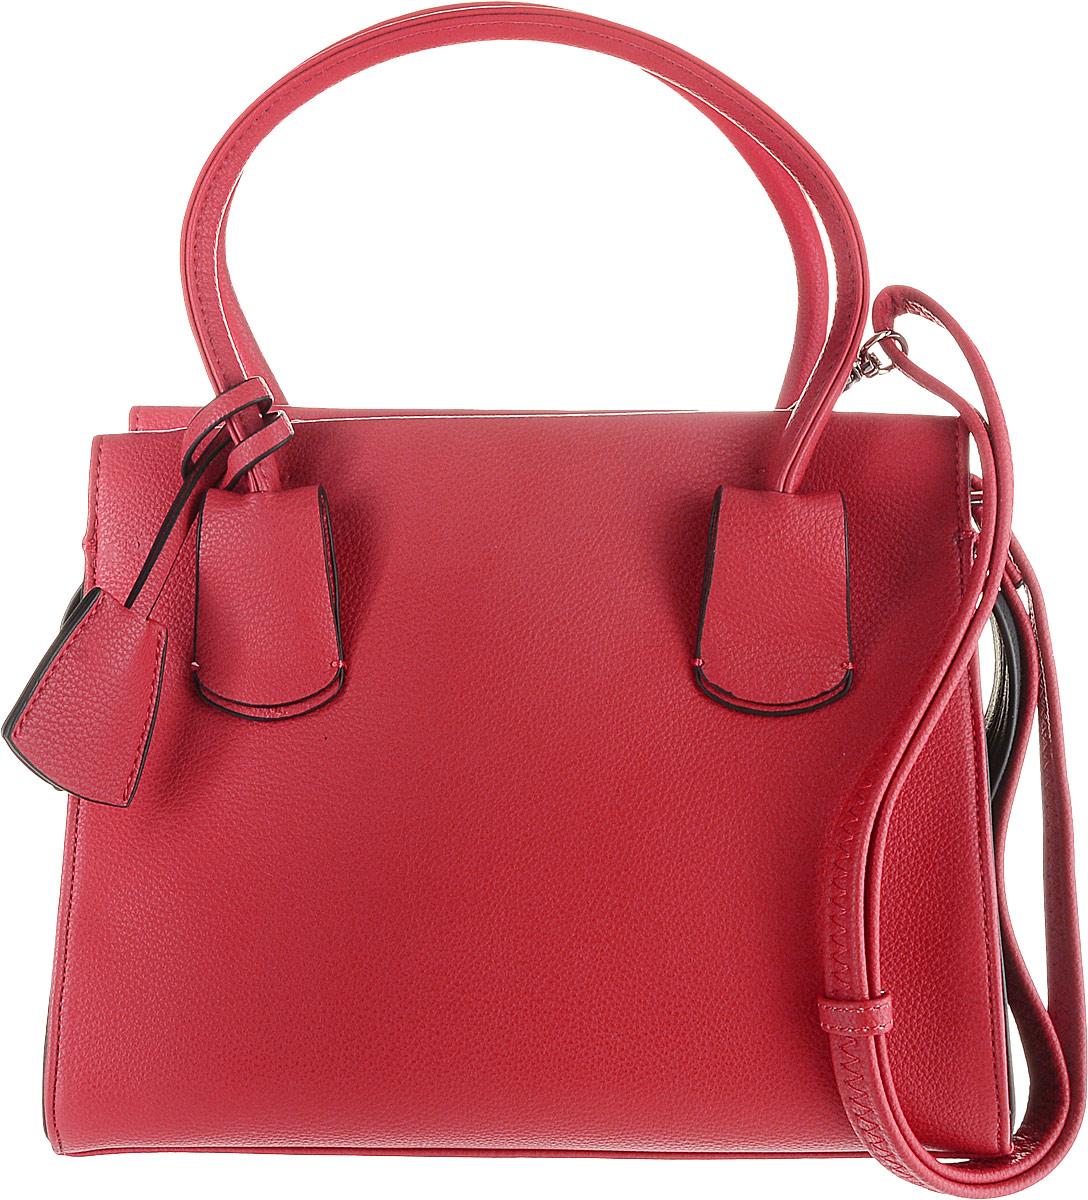 Сумка женская Flioraj, цвет: красный. 00053264-1700053264-17Элегантная классическая женская сумка Flioraj выполнена из высококачественной экокожи. Изделие содержит одно отделение и закрывается на застежку- молнию. Внутри расположены два накладных кармана, врезной карман на застежке-молнии. Задняя сторона сумки дополнена врезным карманом на молнии. Сумка оснащена двумя удобными ручками средней высоты. Дно сумки дополнено металлическими ножками. В комплект входит съемный плечевой ремень, который регулируется по длине.